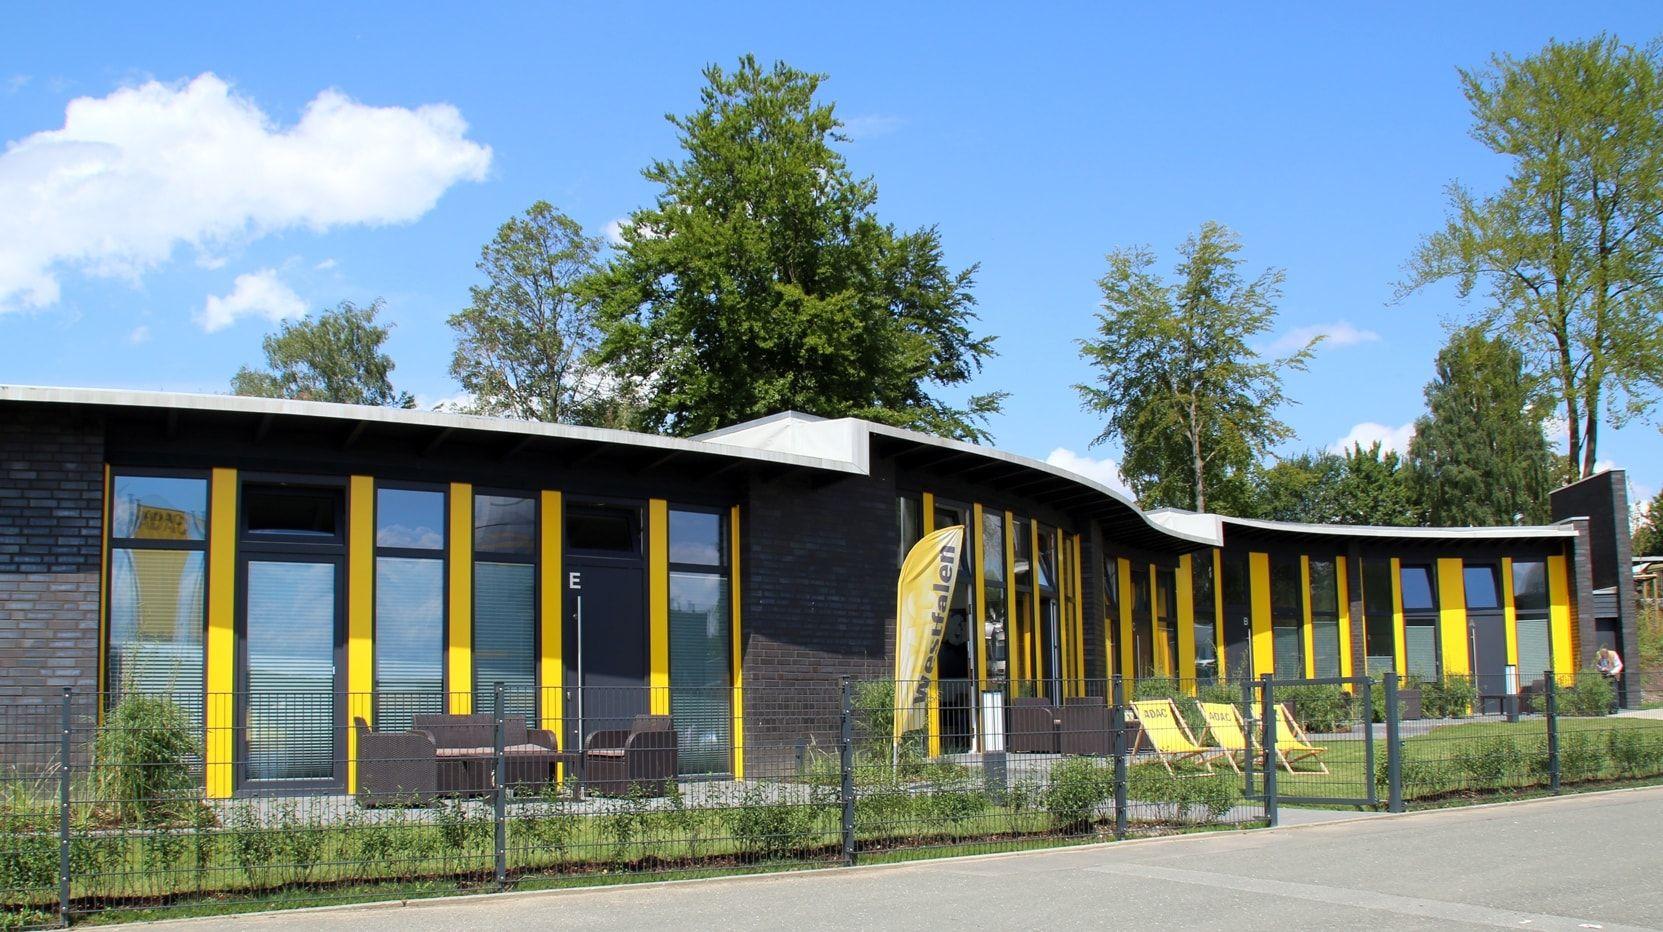 Ferienwohnung-Möhneseeerienwohnung-Campingplatz-Möhnesee